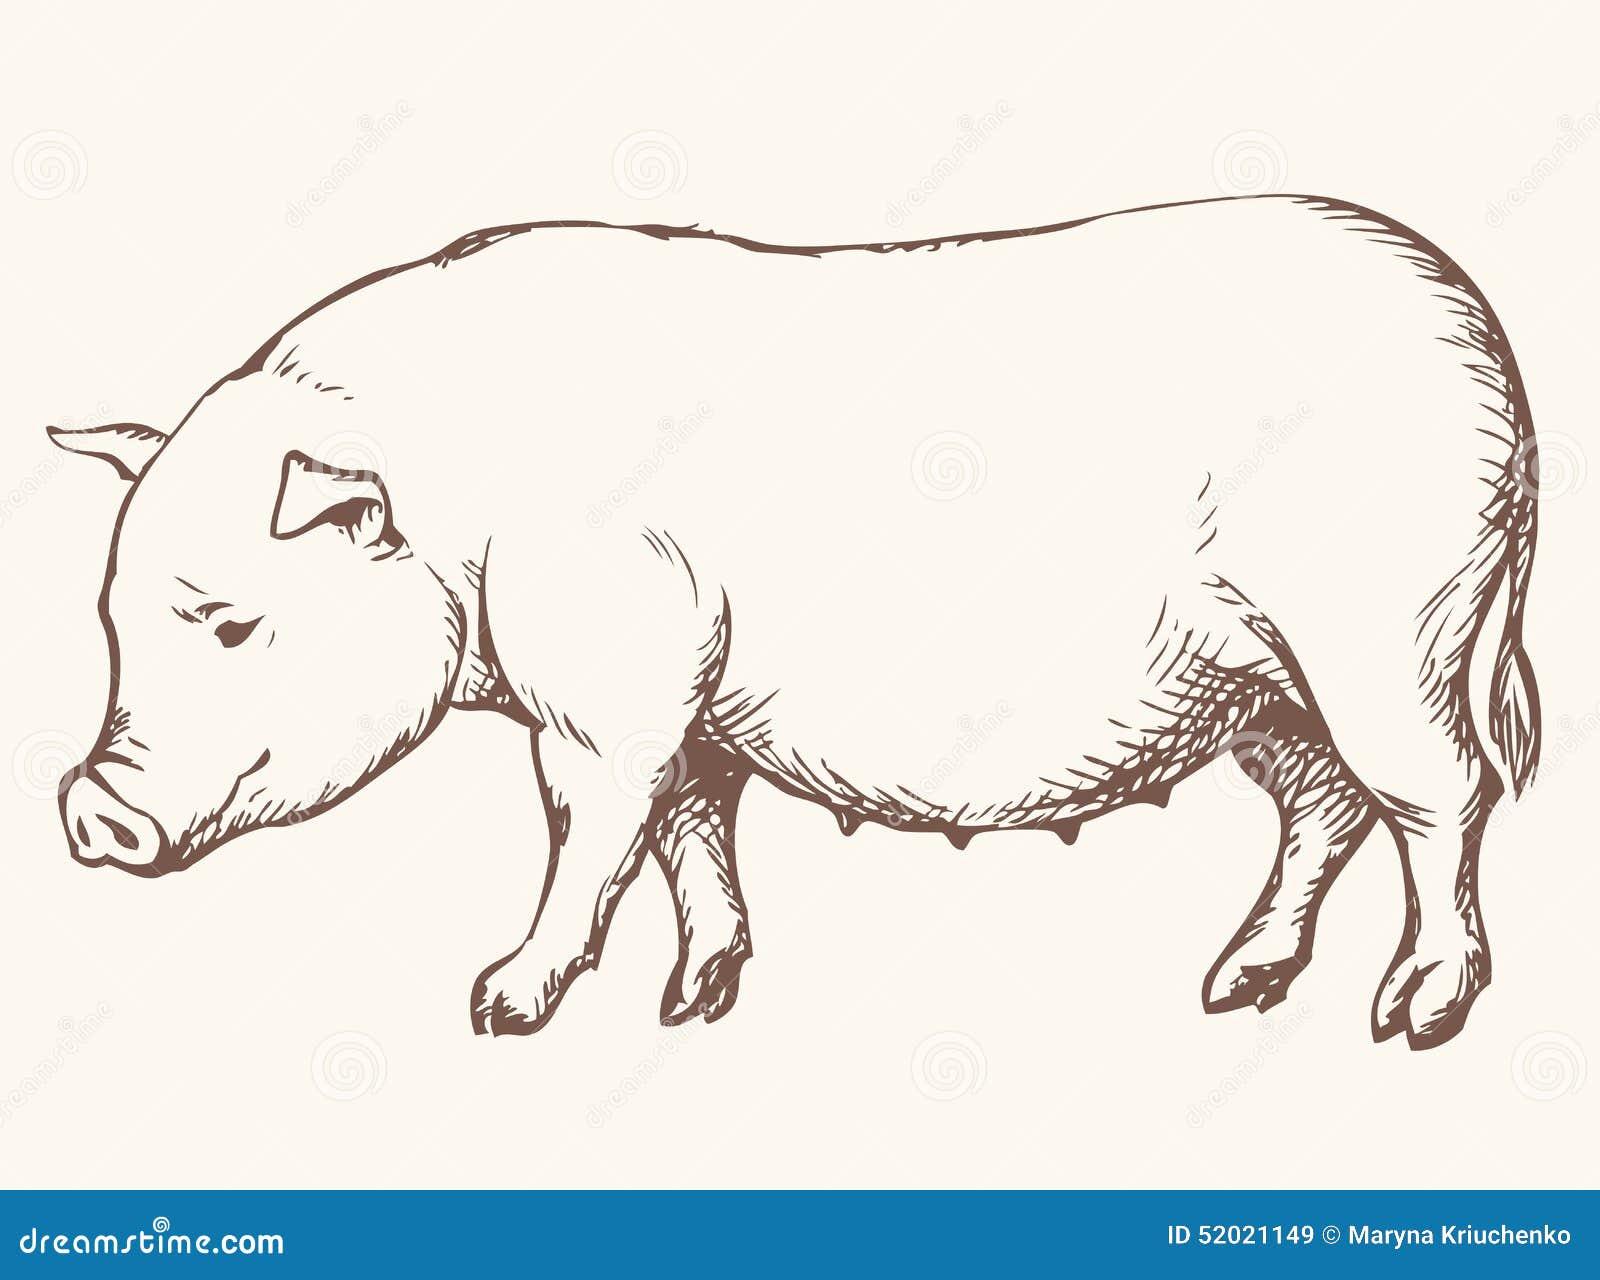 Pig drawing - photo#28